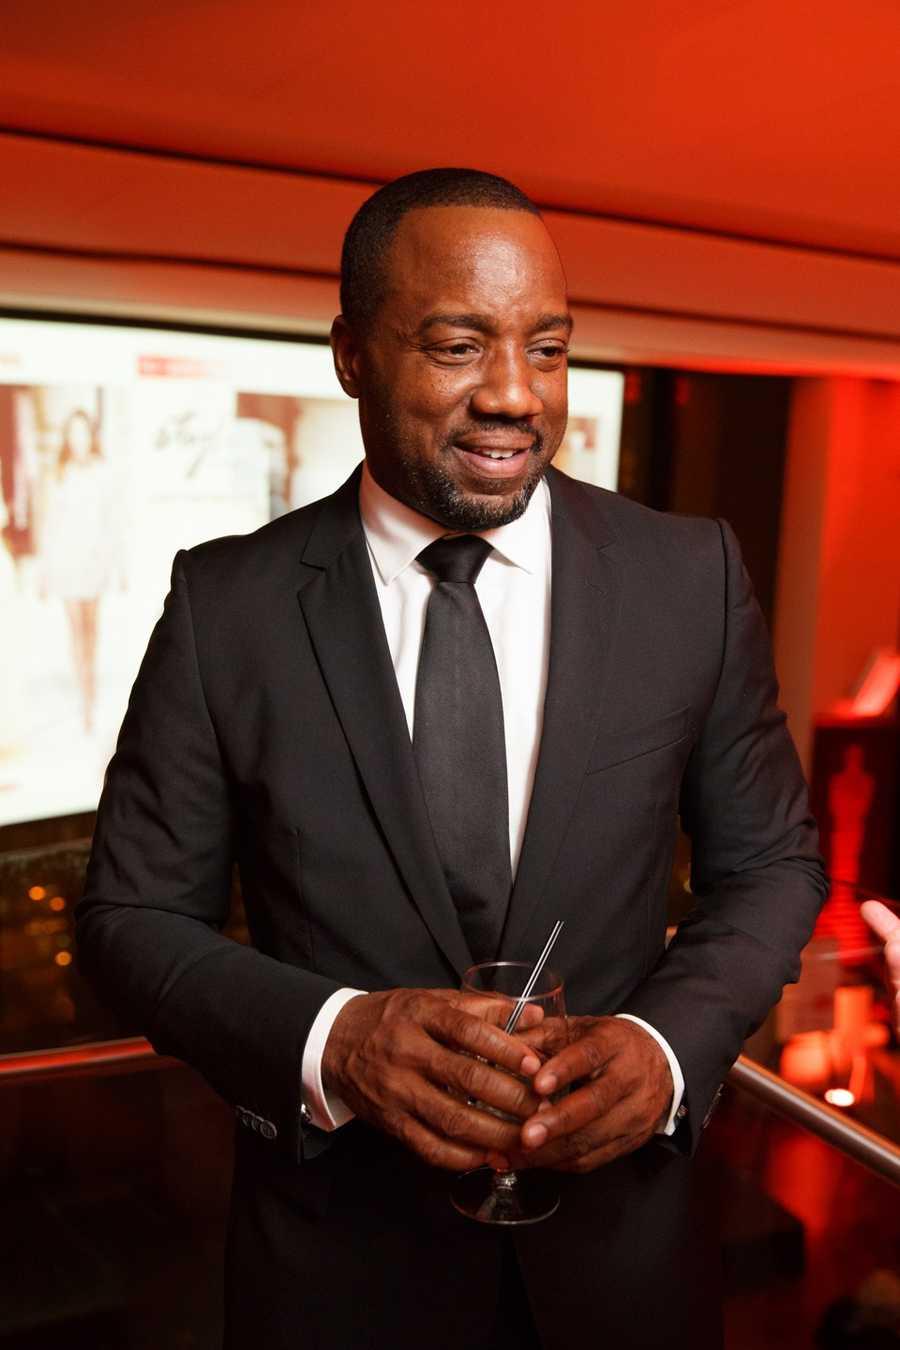 Actor Malik Yoba